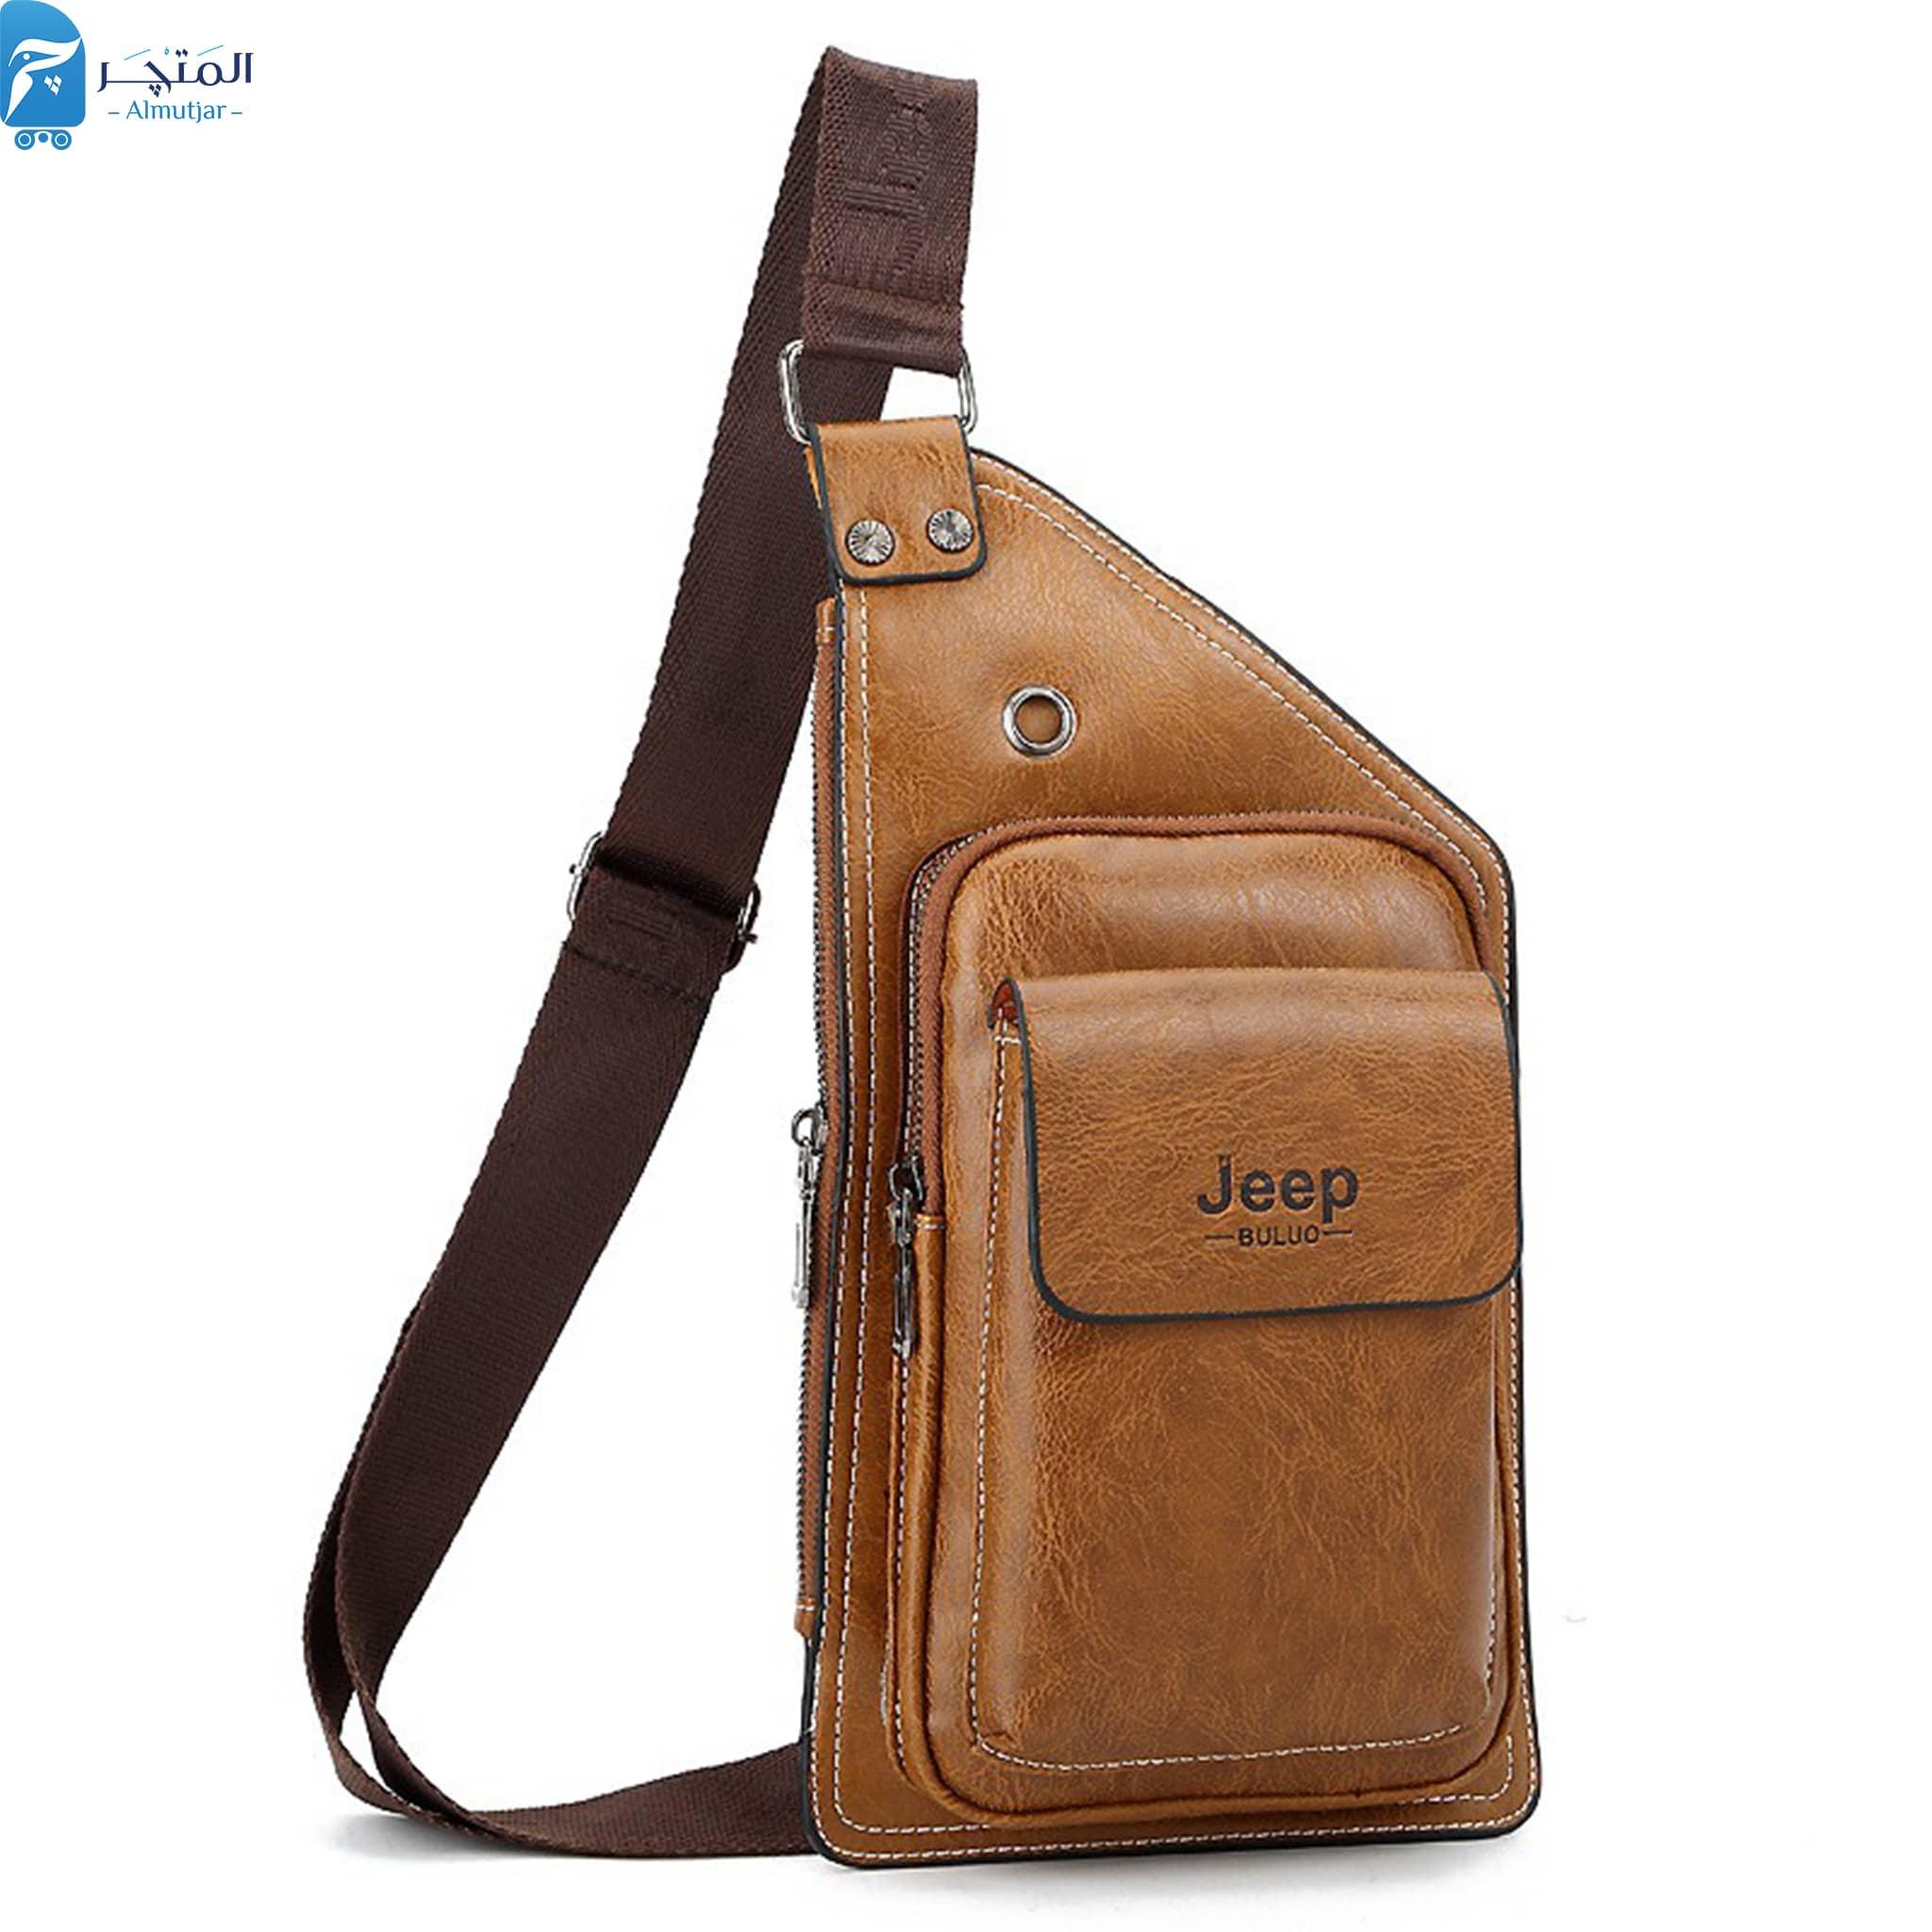 حقيبة كروس جلد حقيبة ماكس جيب بولو  بزراع واحد للرجال